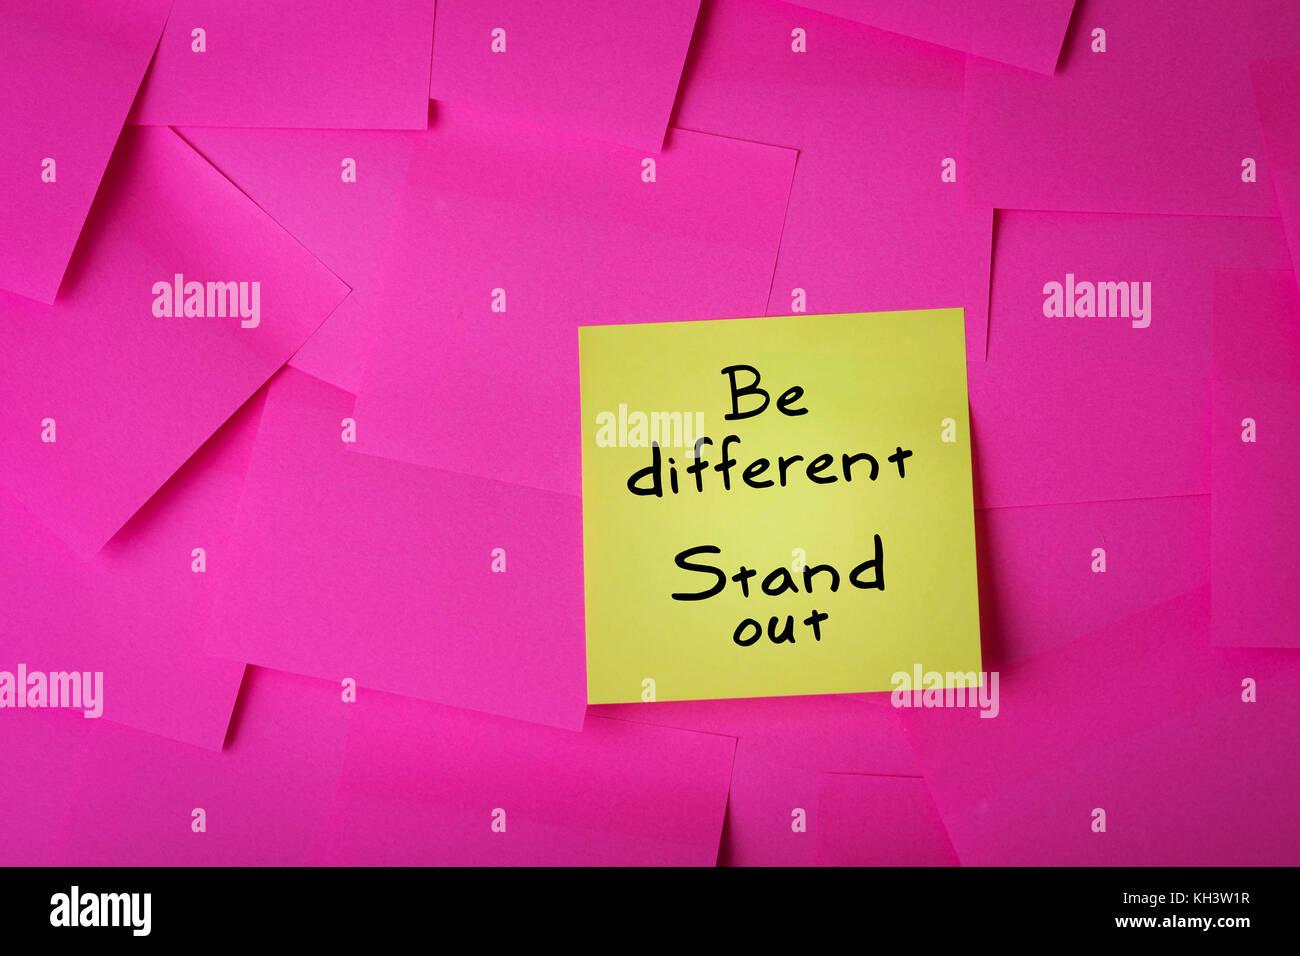 Être différent se texte sur yellow sticky note Banque D'Images